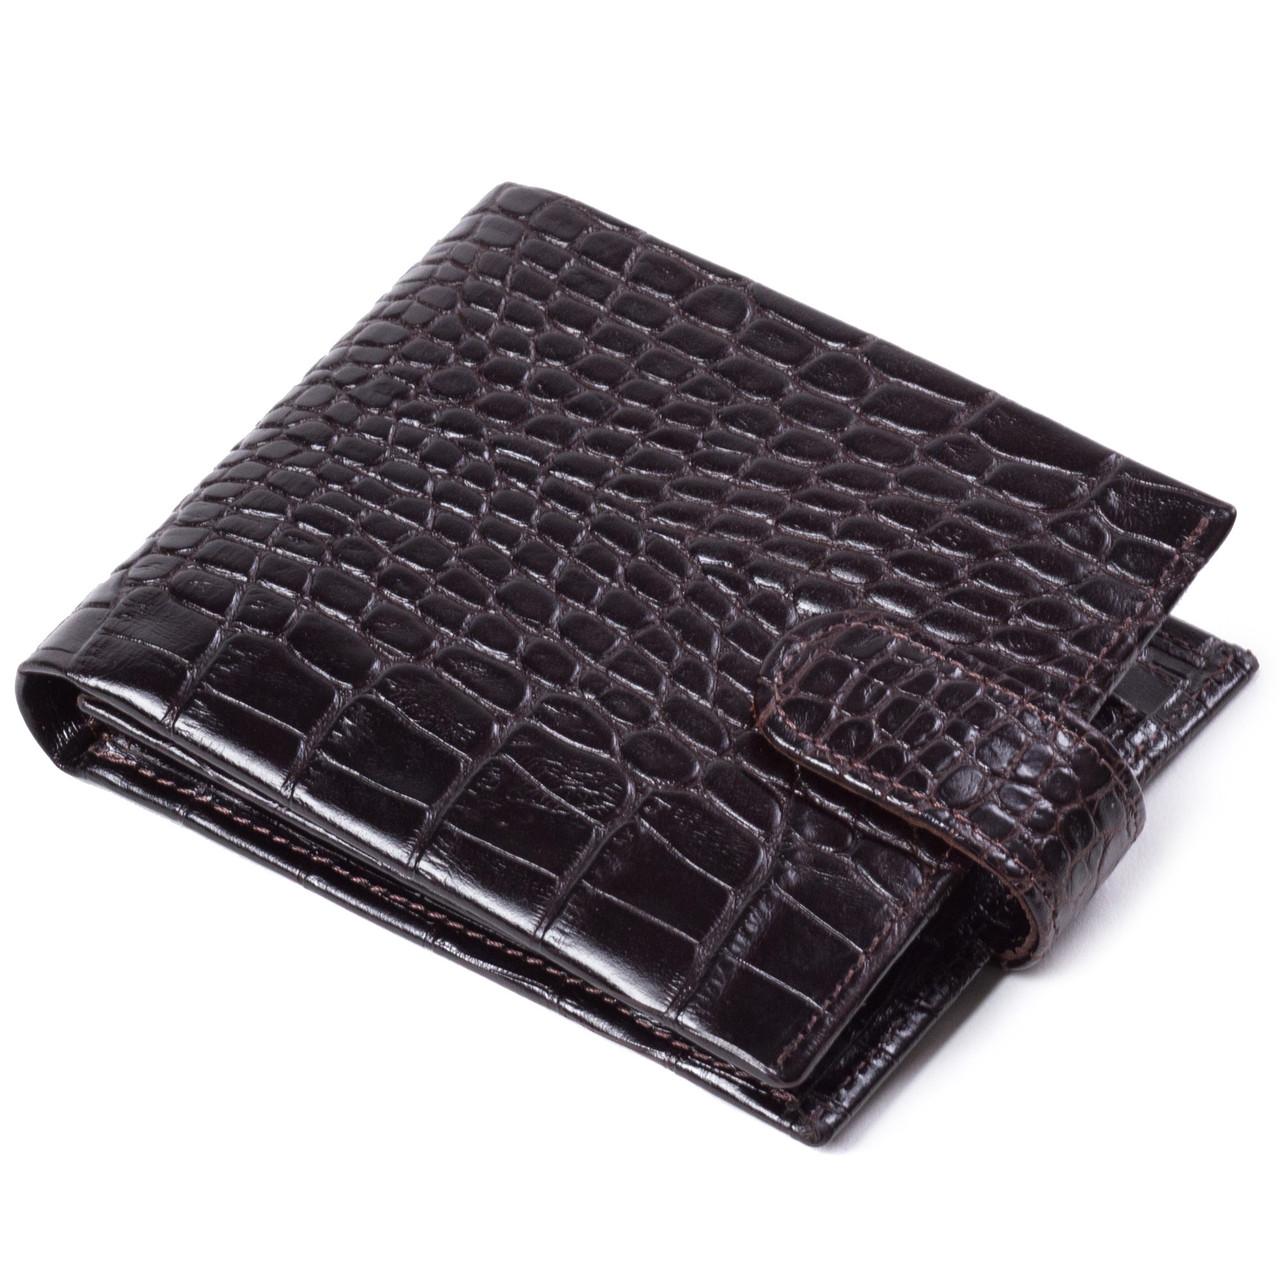 1b6b1cf67423 Мужское портмоне кожаное коричневое Eminsa 1065-4-3 - FainaModa магазин  кожаных изделий в